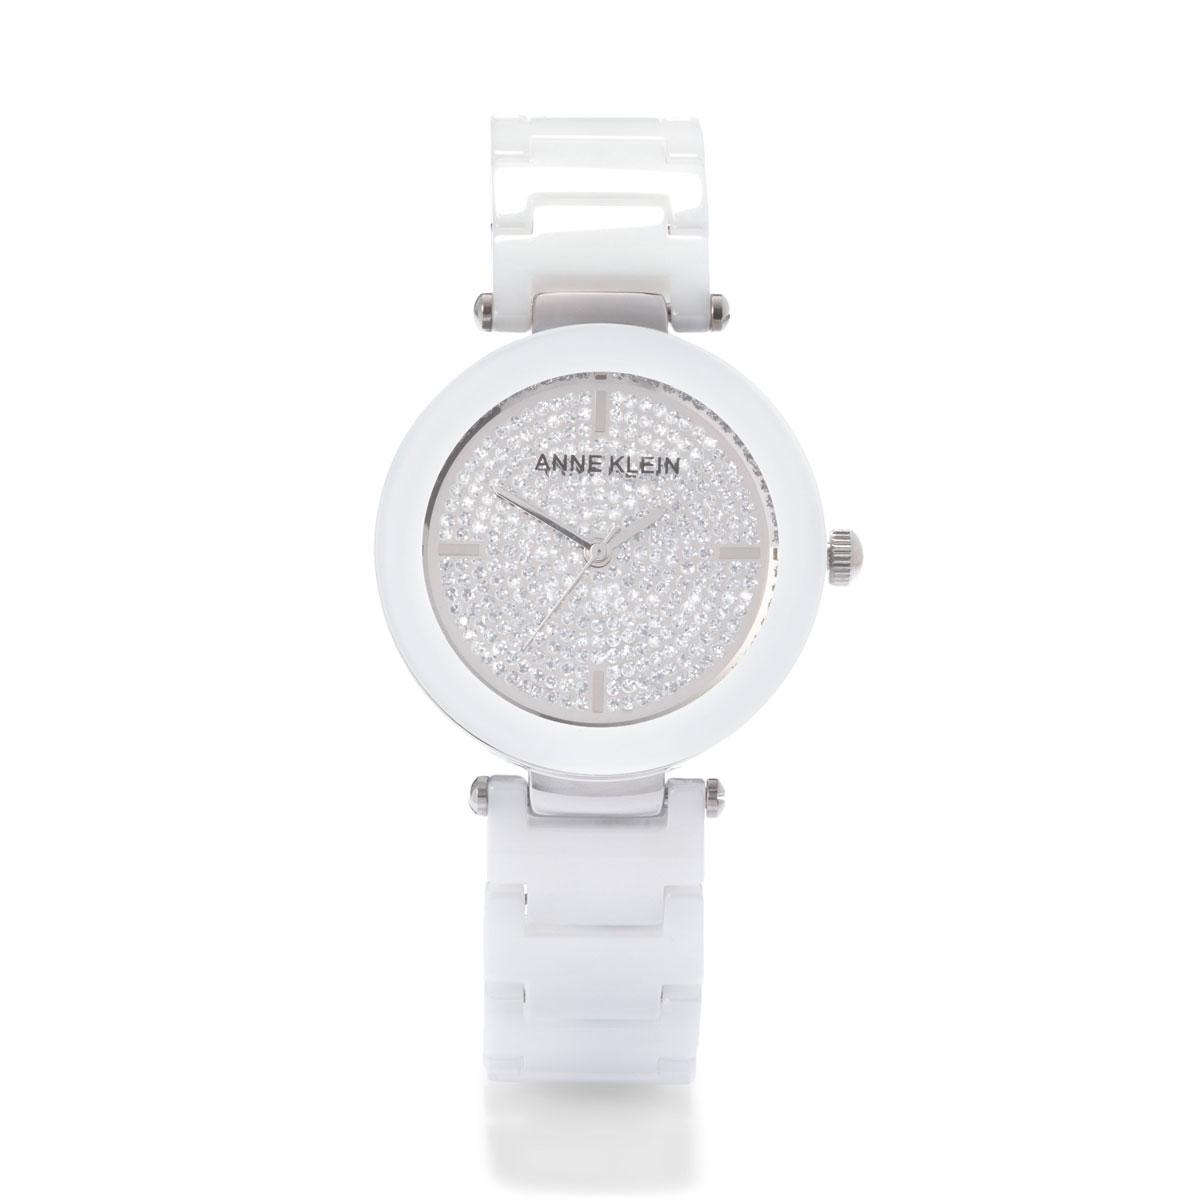 Часы наручные женские Anne Klein Ceramics, цвет: белый, стальной. 1019PVWTBM8434-58AEЭлегантные женские часы Anne Klein Ceramics изготовлены из нержавеющей стали, керамики и минерального стекла. Циферблат часов оформлен символикой бренда и блестками.Корпус изделия оснащен кварцевым механизмом, который имеет степень влагозащиты равную 3 Bar, дополнен устойчивым к царапинам минеральным стеклом. Браслет оснащен складным замком с дополнительным звеном, который позволит с легкостью снимать и надевать изделие.Часы поставляются в фирменной упаковке.Часы Anne Klein Ceramics подчеркнут изящность женской руки и отменное чувство стиля у их обладательницы.